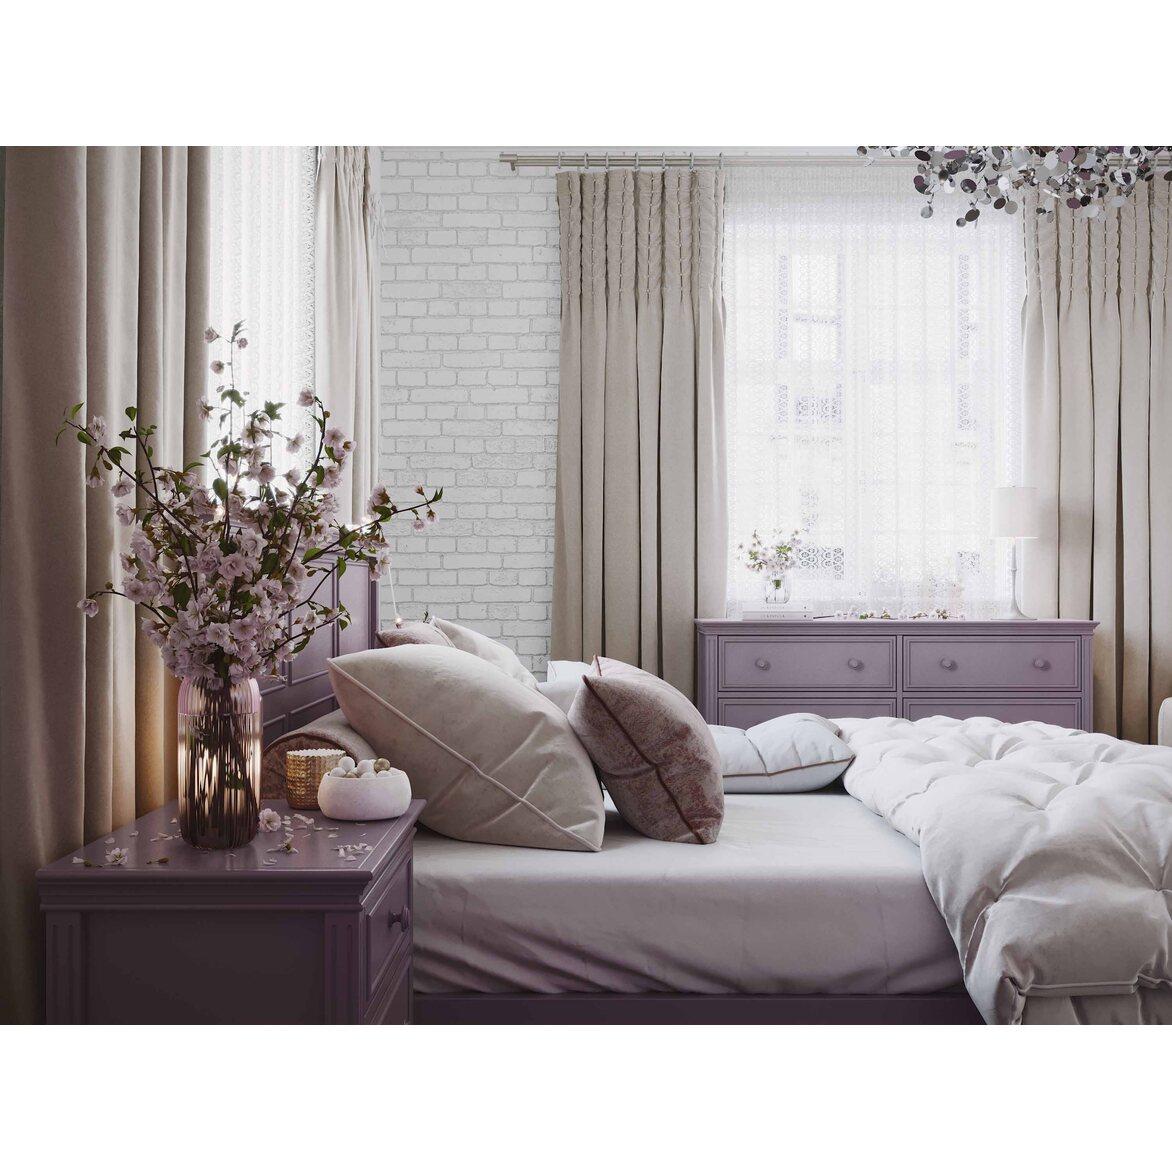 Кровать 180*200 Riverdi, орхидея, с изножьем 8 | Двуспальные кровати Kingsby